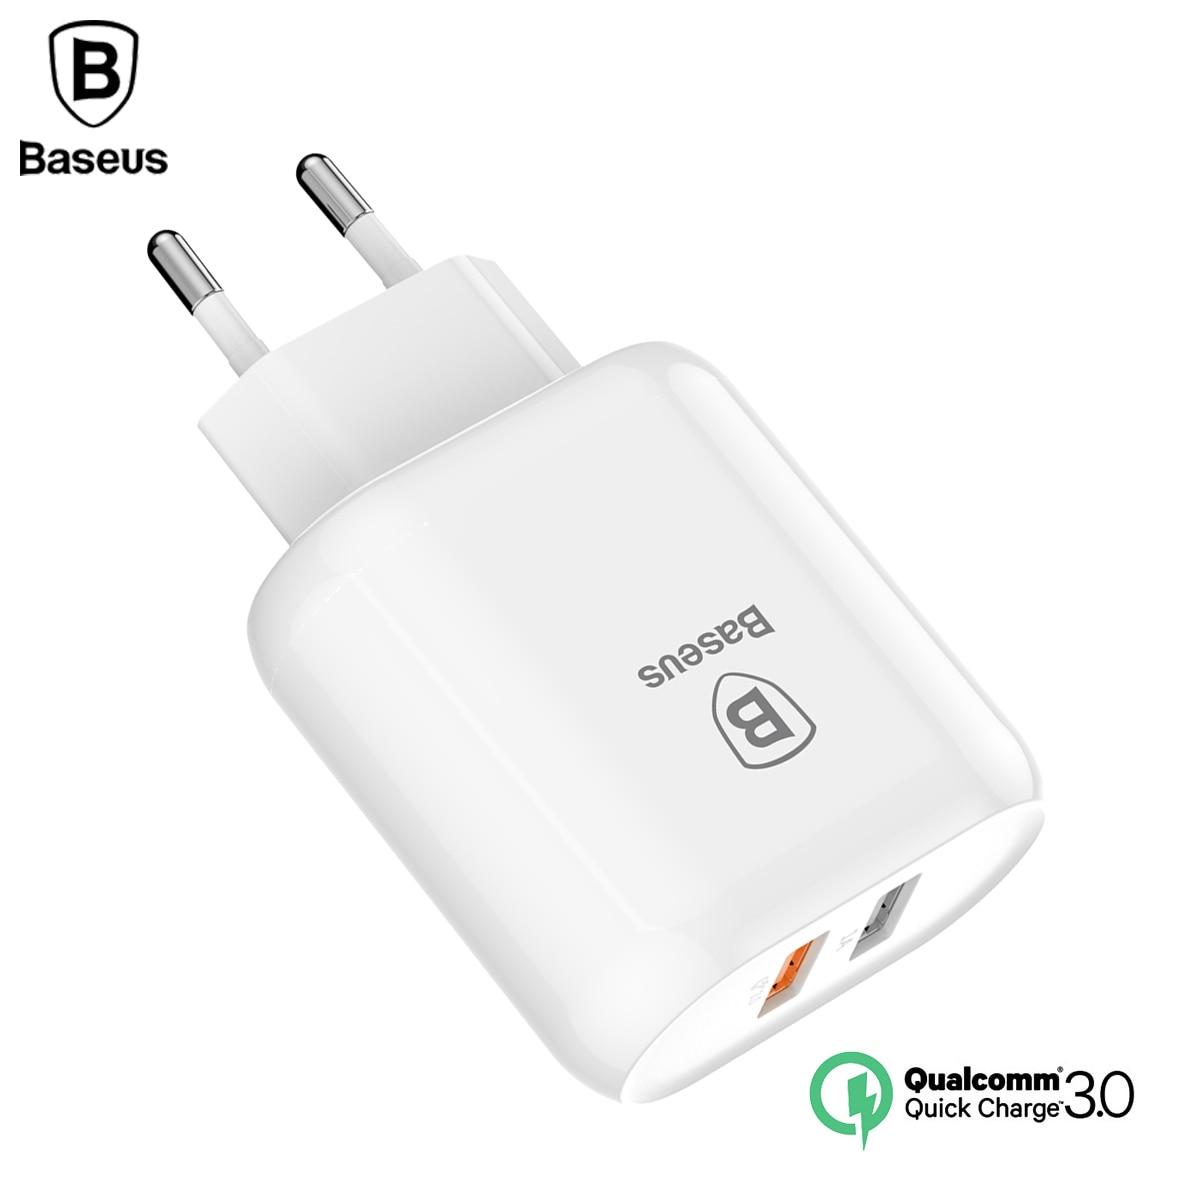 Baseus QC 3,0 Dual USB Ladegerät Adapter EU Stecker Reise Wand Schnell Ladung Ladegerät Für iPhone Samsung Xiaomi Handy ladegerät